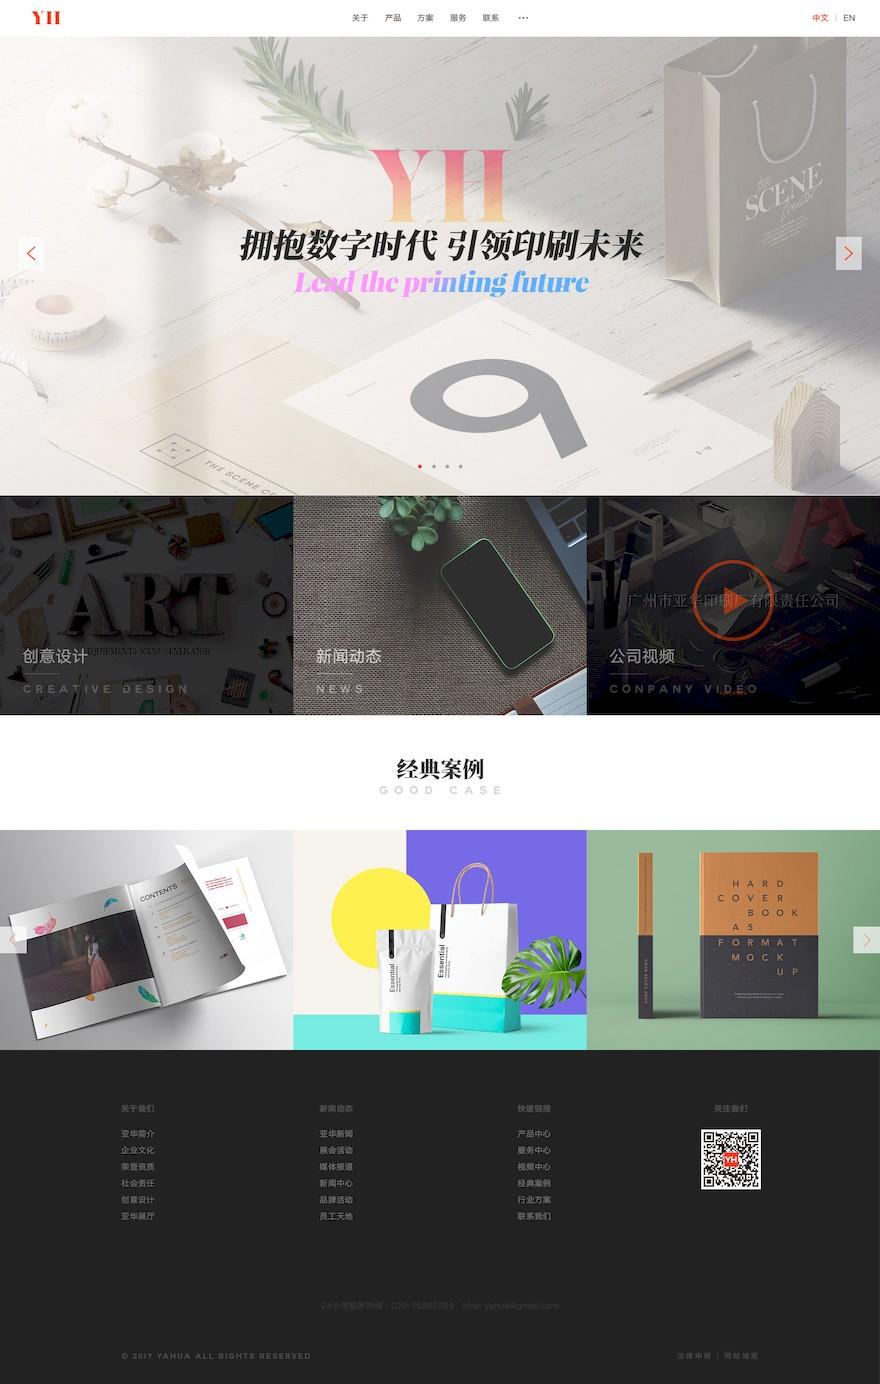 实用的中文印刷类企业网站psd和html模板[Photoshop/HTML/2.32GB]百度网盘下载插图(1)